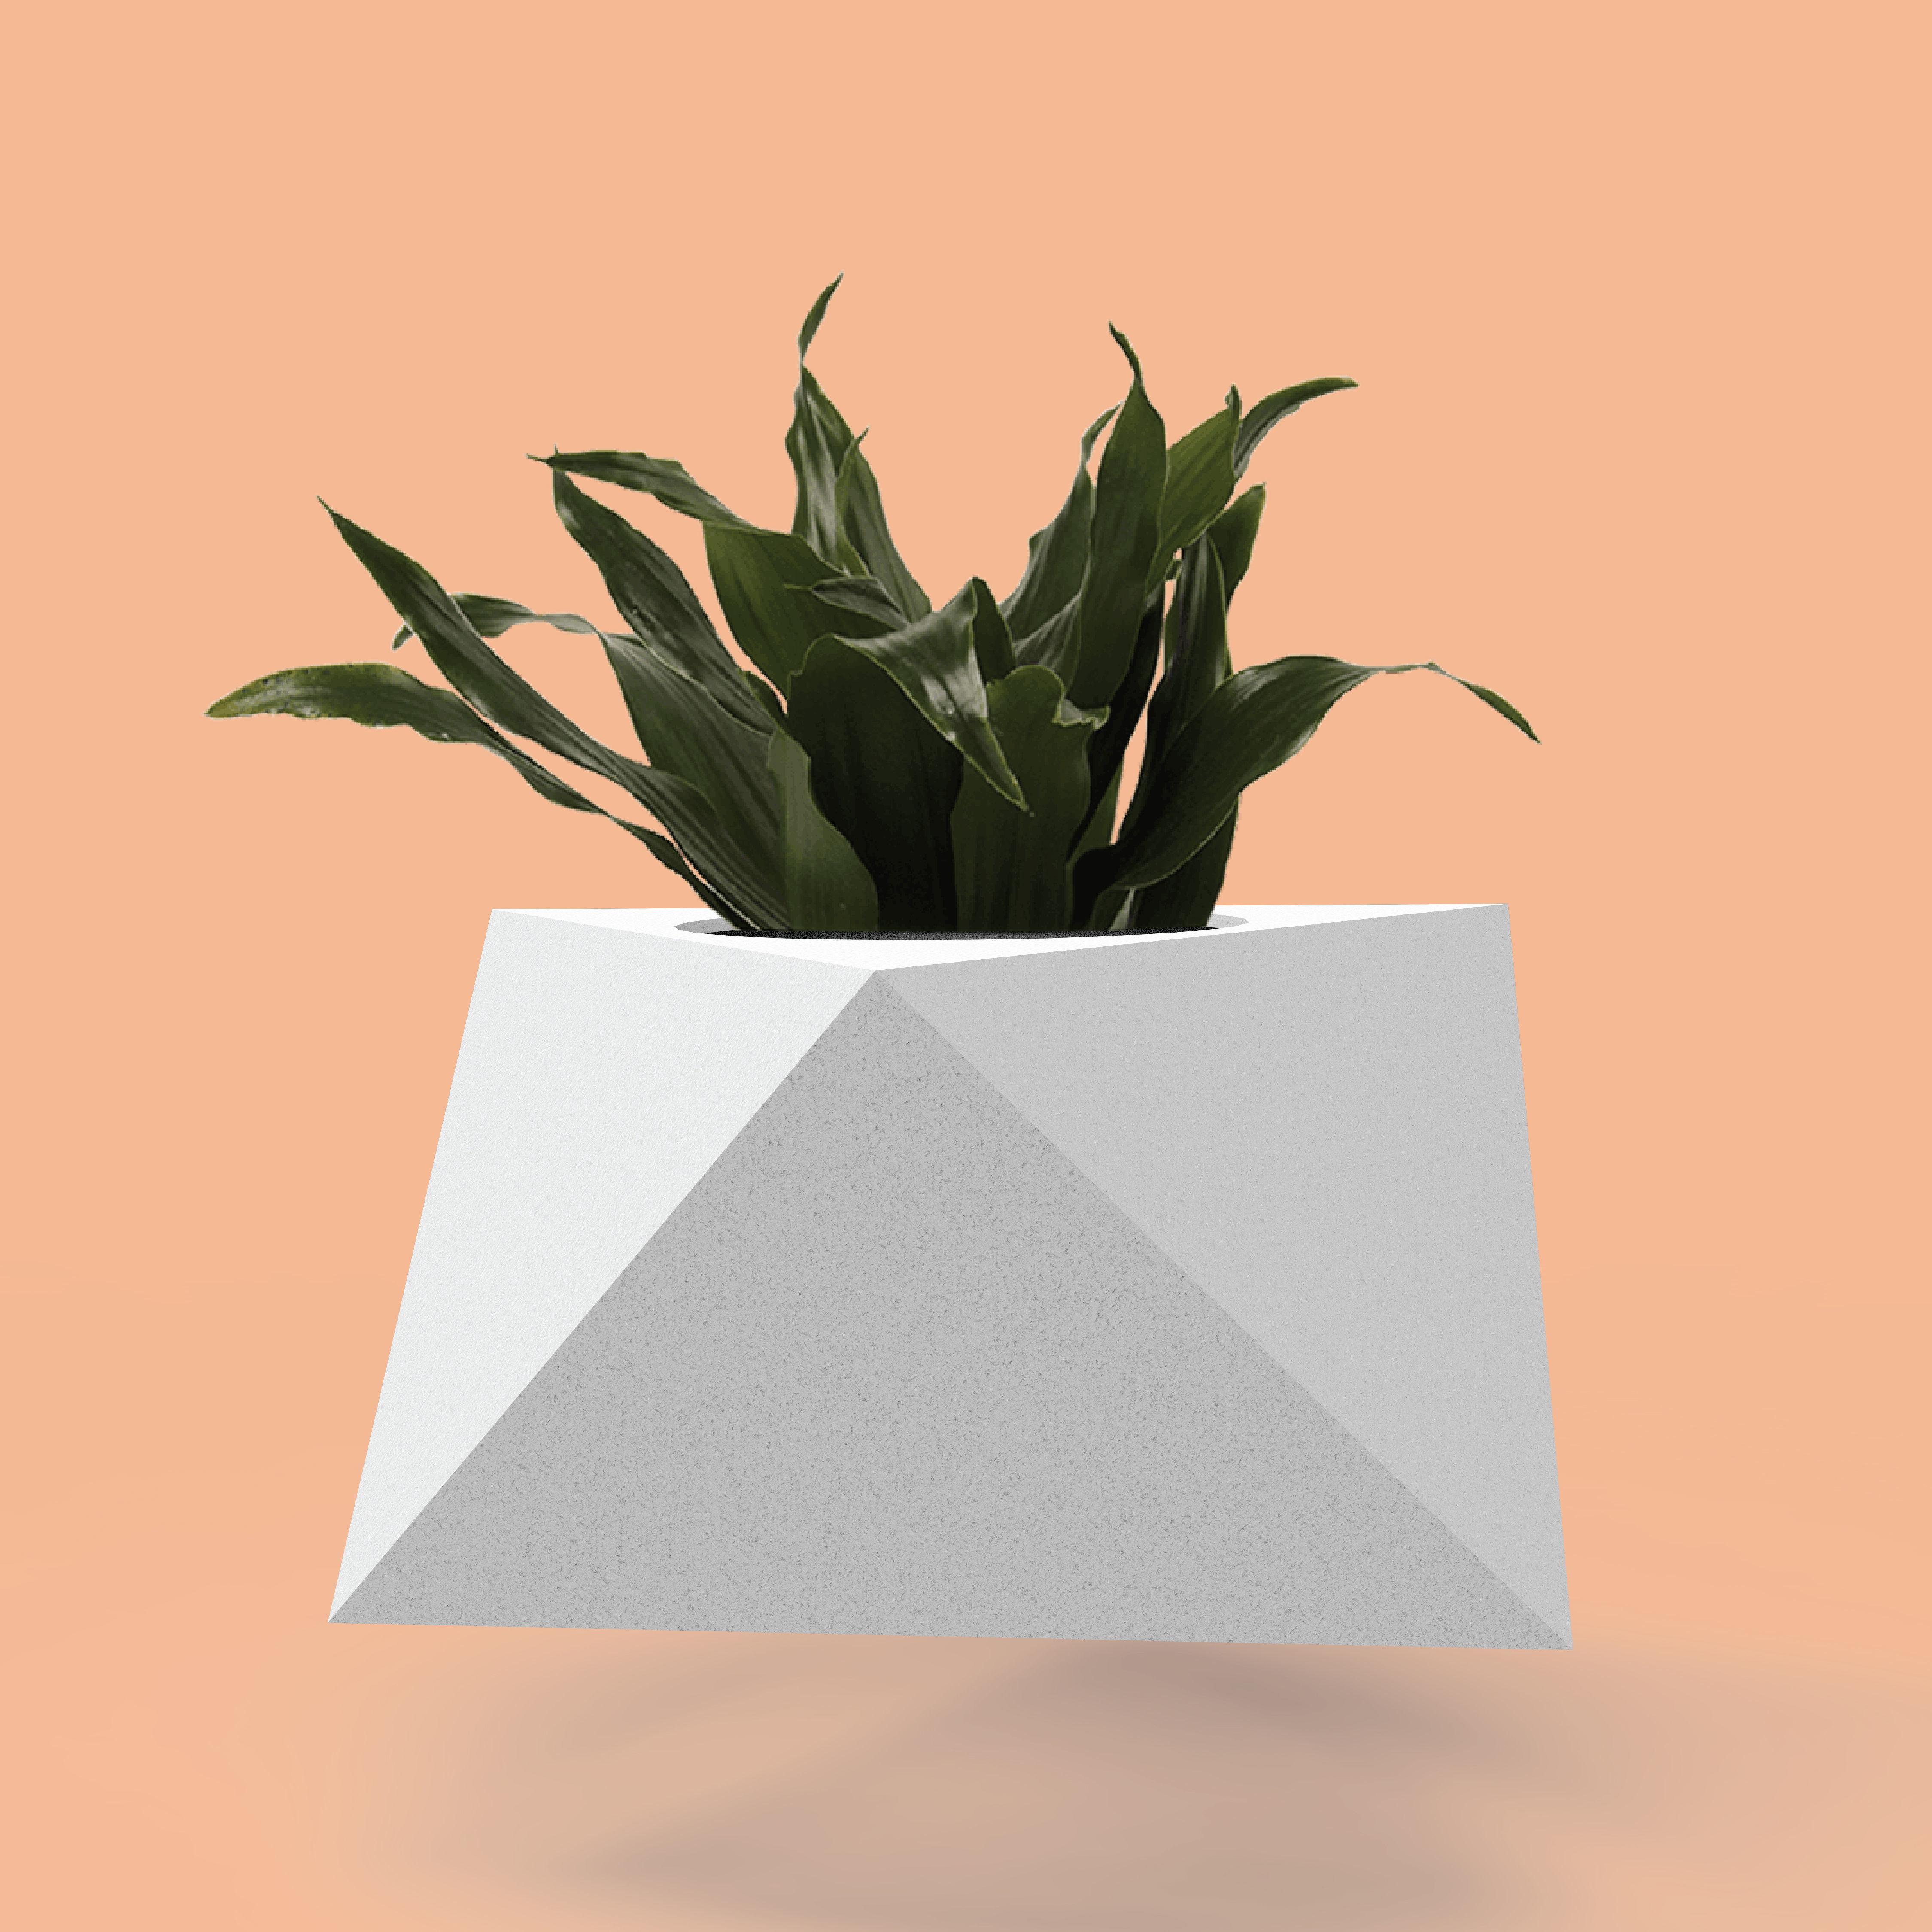 Mold for concrete planter pot